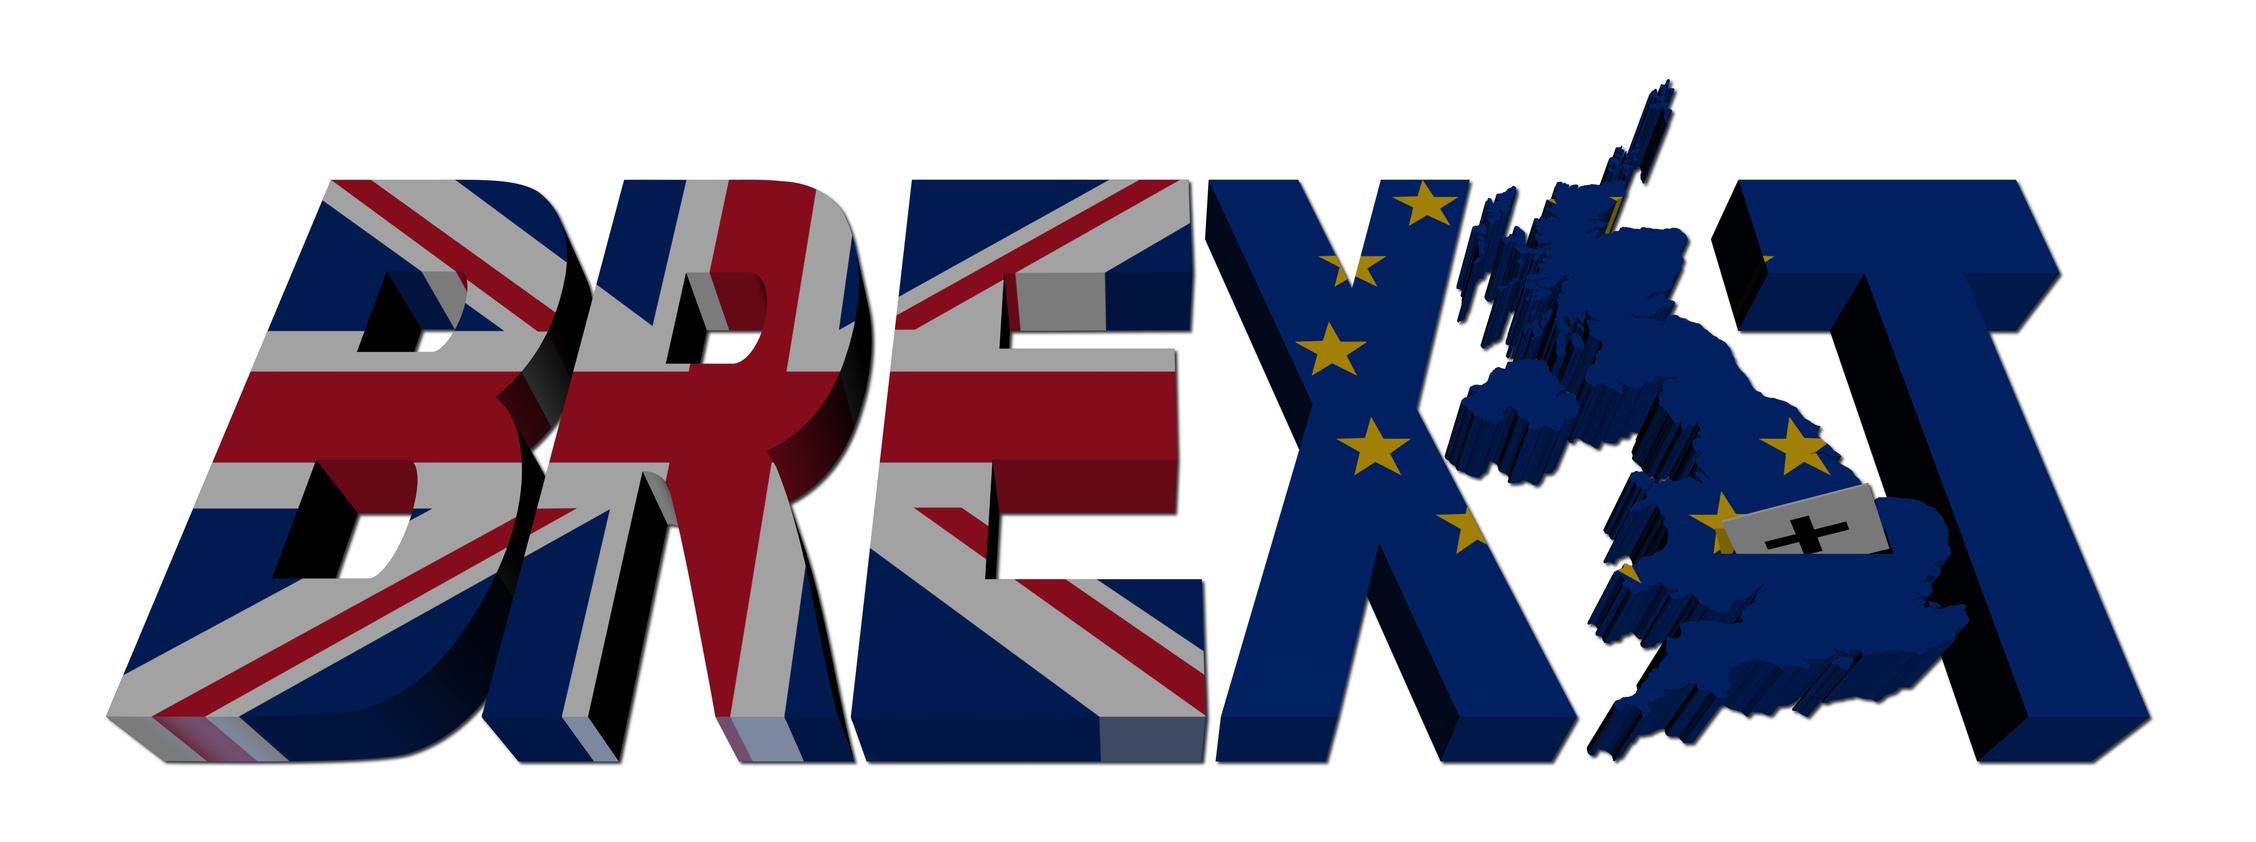 Brexit İngiltere AB'den çıkma referandumu Avrupa Birliği üyesi bayrak